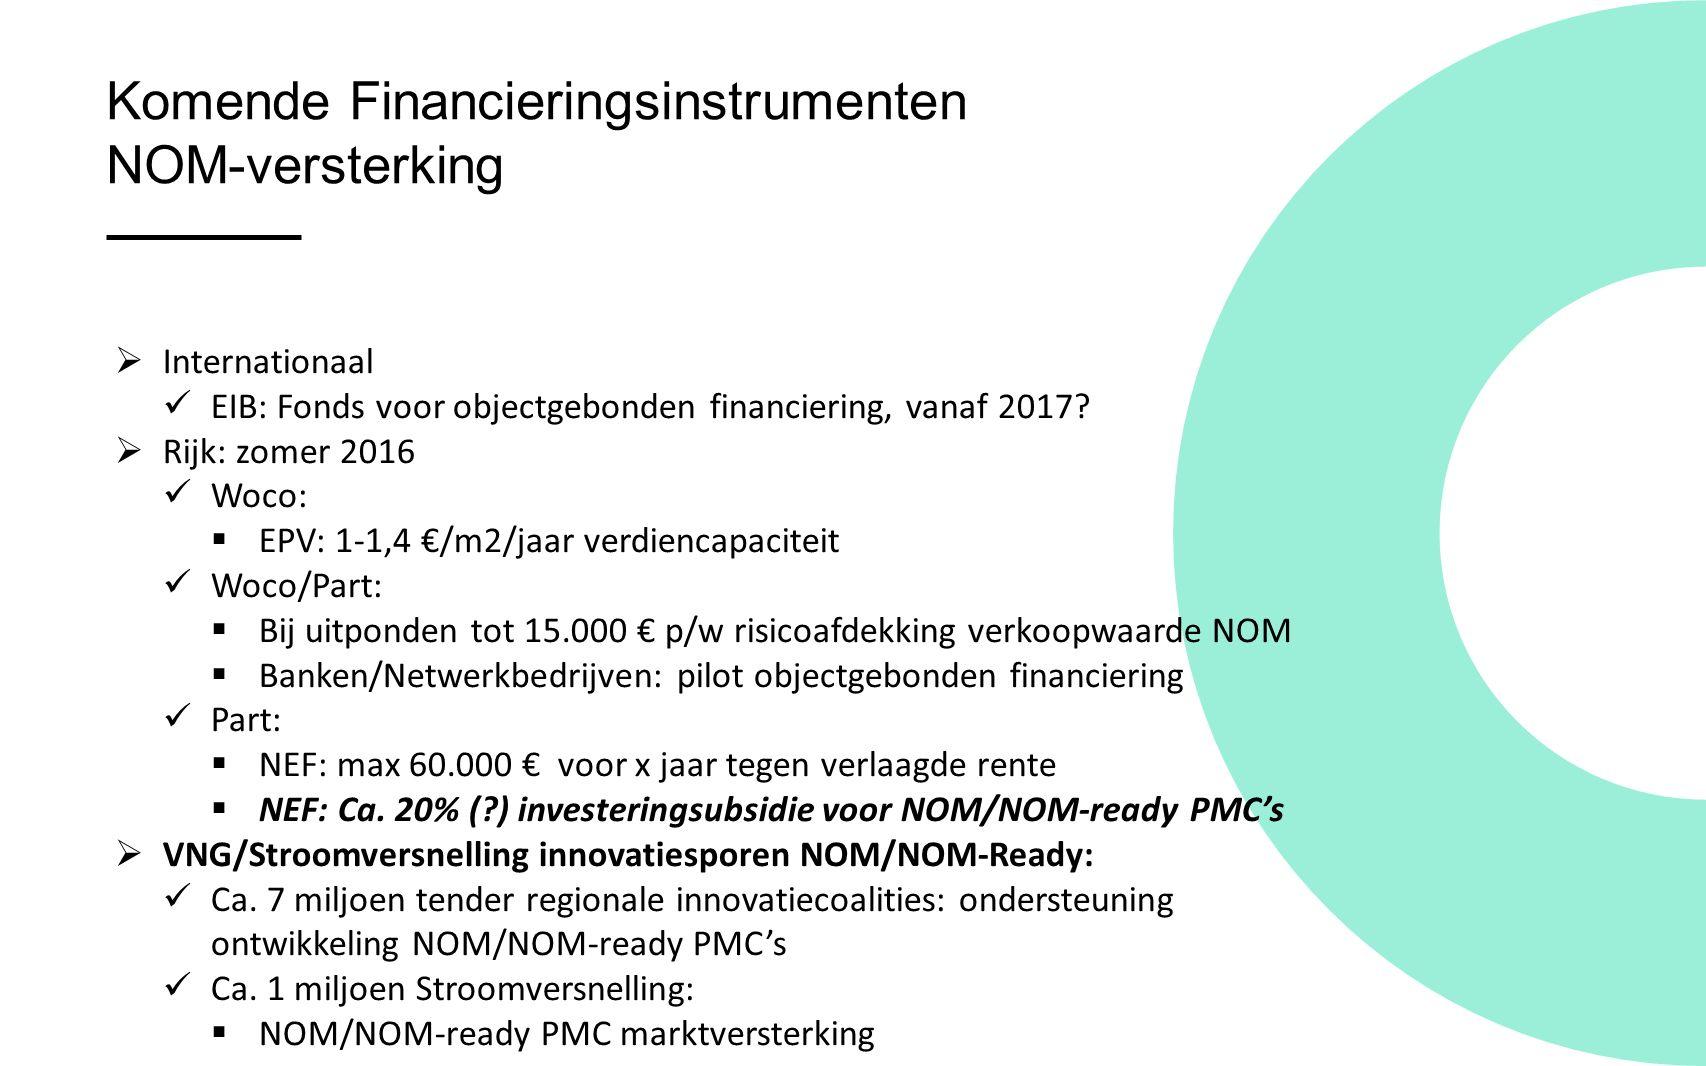 Komende Financieringsinstrumenten NOM-versterking  Internationaal EIB: Fonds voor objectgebonden financiering, vanaf 2017.